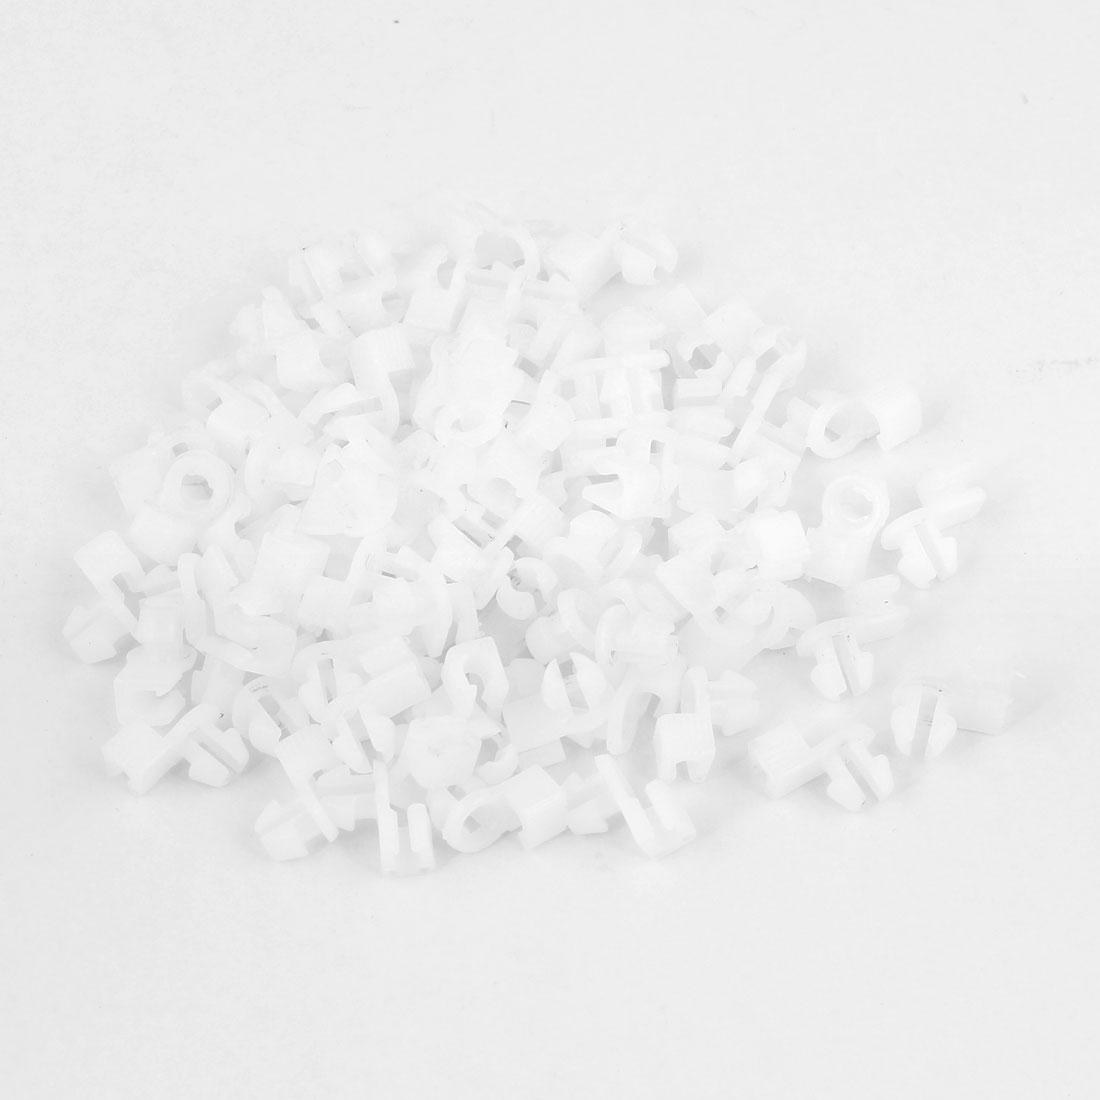 100pcs 4mm Hole Diameter Plastic Rivet Car Door Trim Panel Retainer Clip White